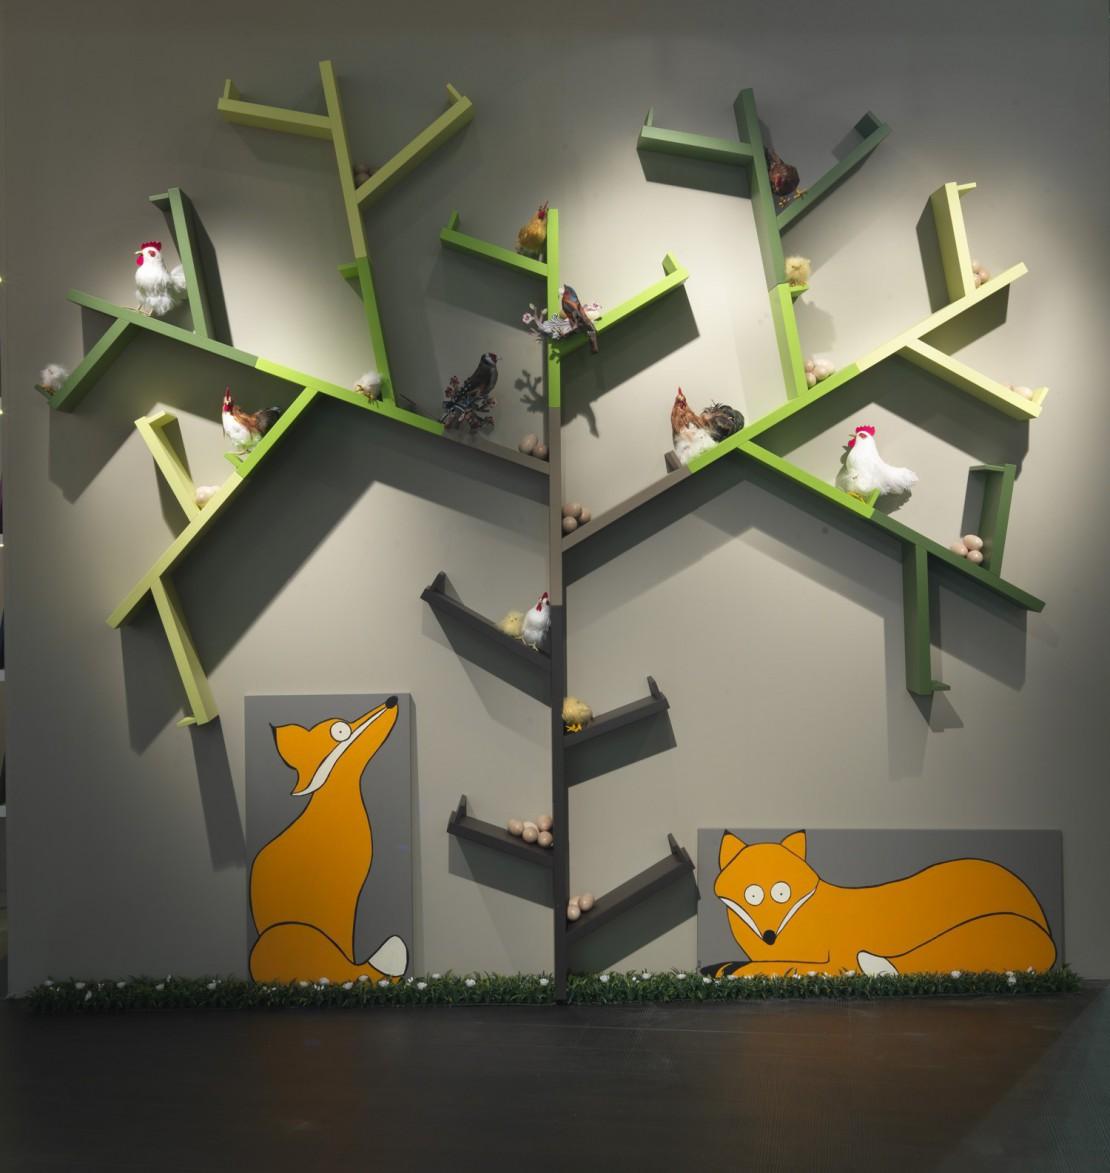 Librerie Per Camerette Bambini albero - belvì camerette torino